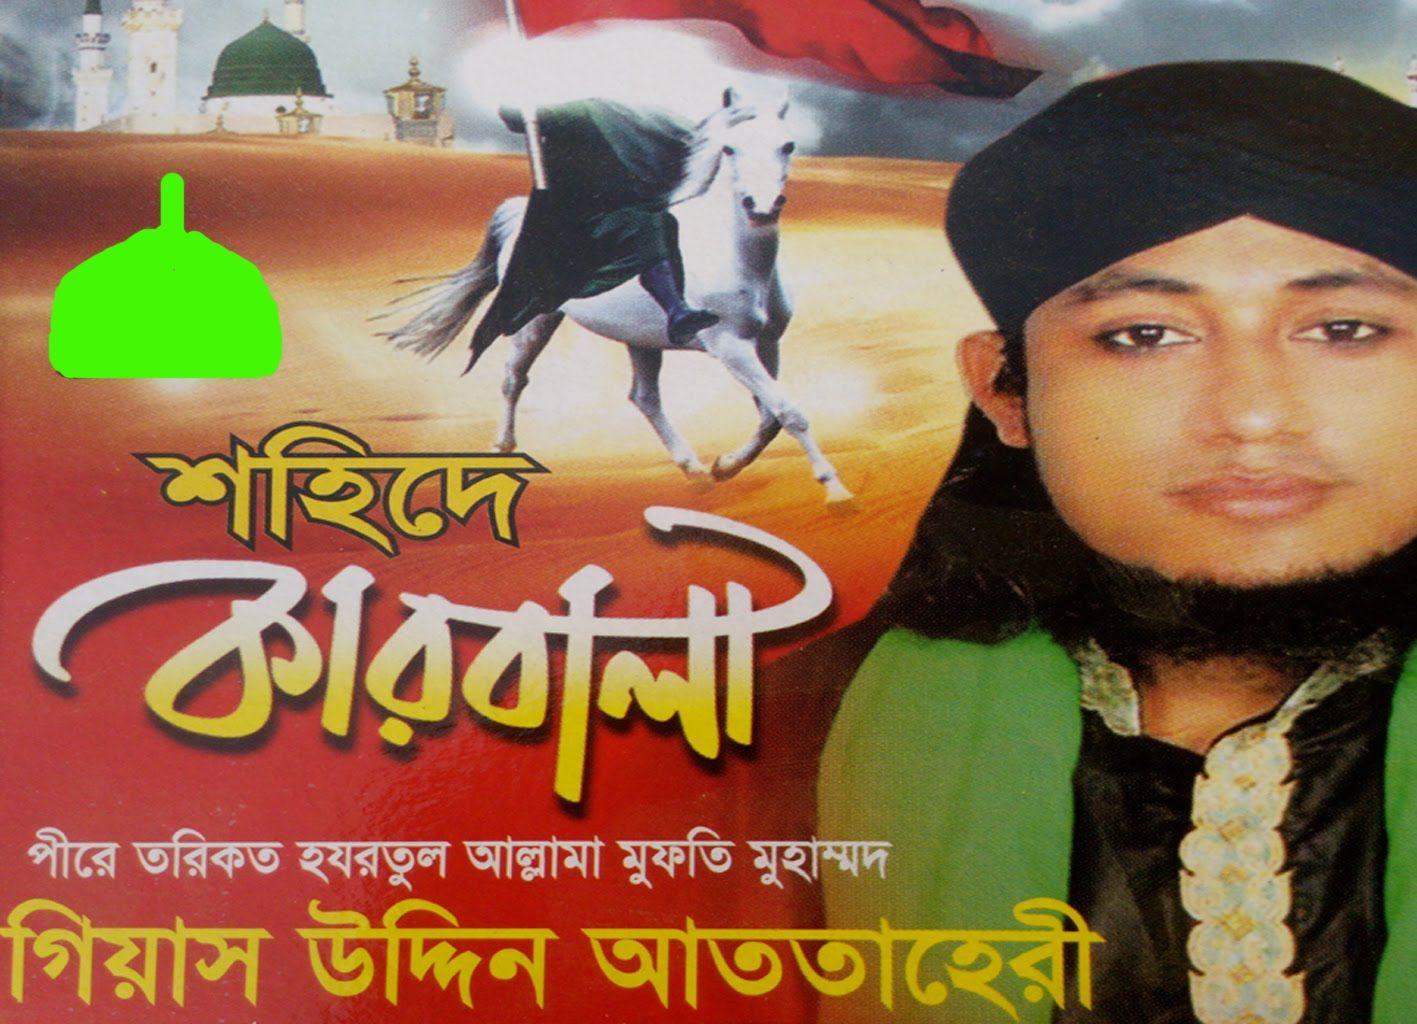 কারবালার হৃদয়বিদারক ঘটনা বুক ফেটে কান্না চলে আসবে | maulana mufti gias u...